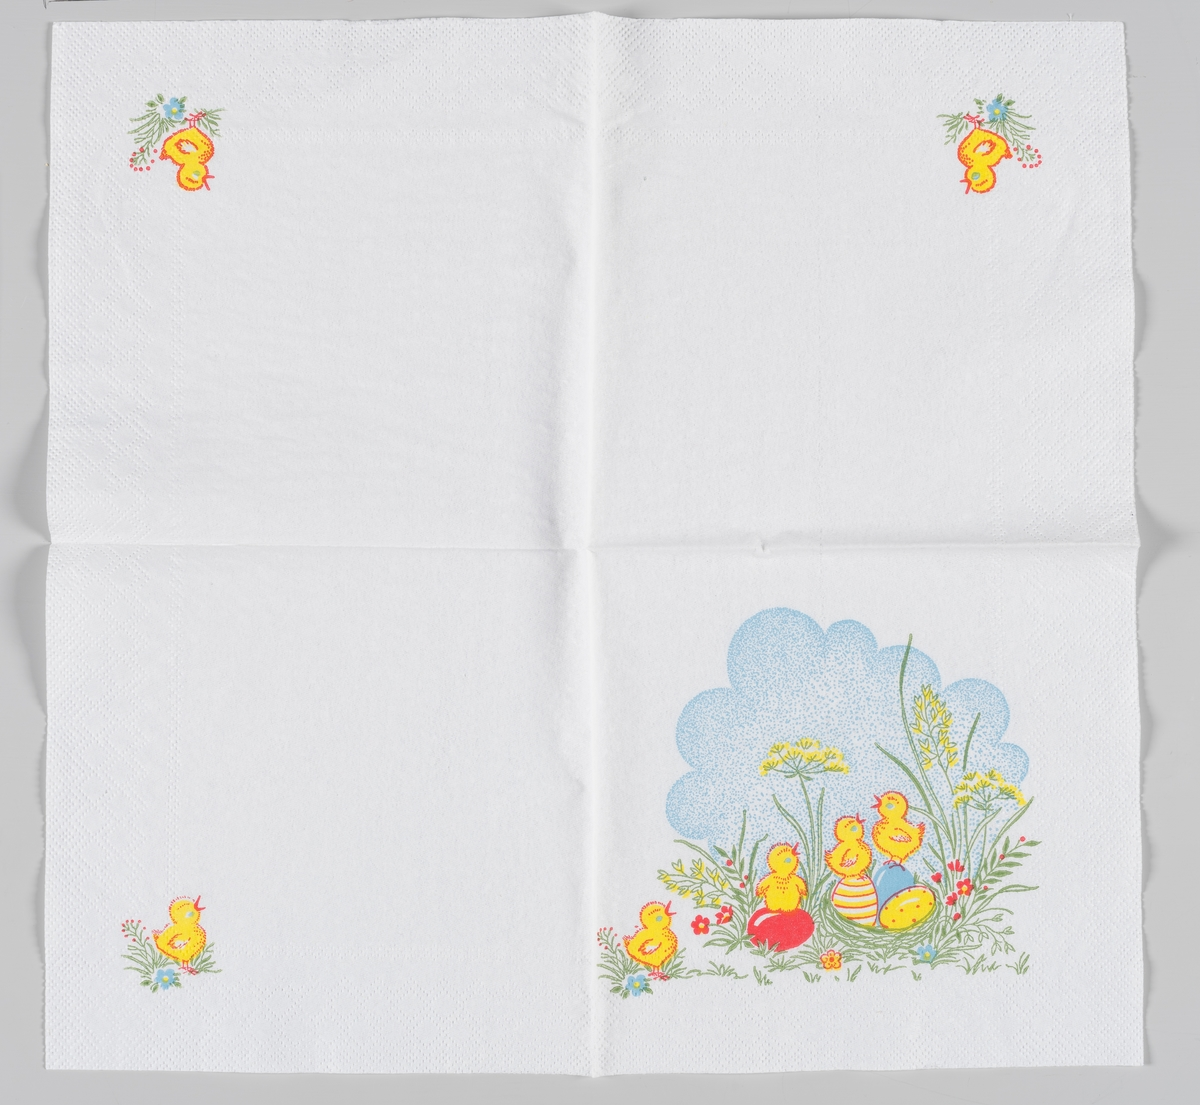 Et forsidemotiv og tre ens motiver på resten av sidene. Forsidemotivet er flre kyllinger som står på dekorerte påskeegg som ligger i et reir blant røde, gule og blå blomster og høyt gress og med en blå himmel i bakgrunnen. De tre små motiver er en kylling som står på gress mellom en rød og en blå blomst.